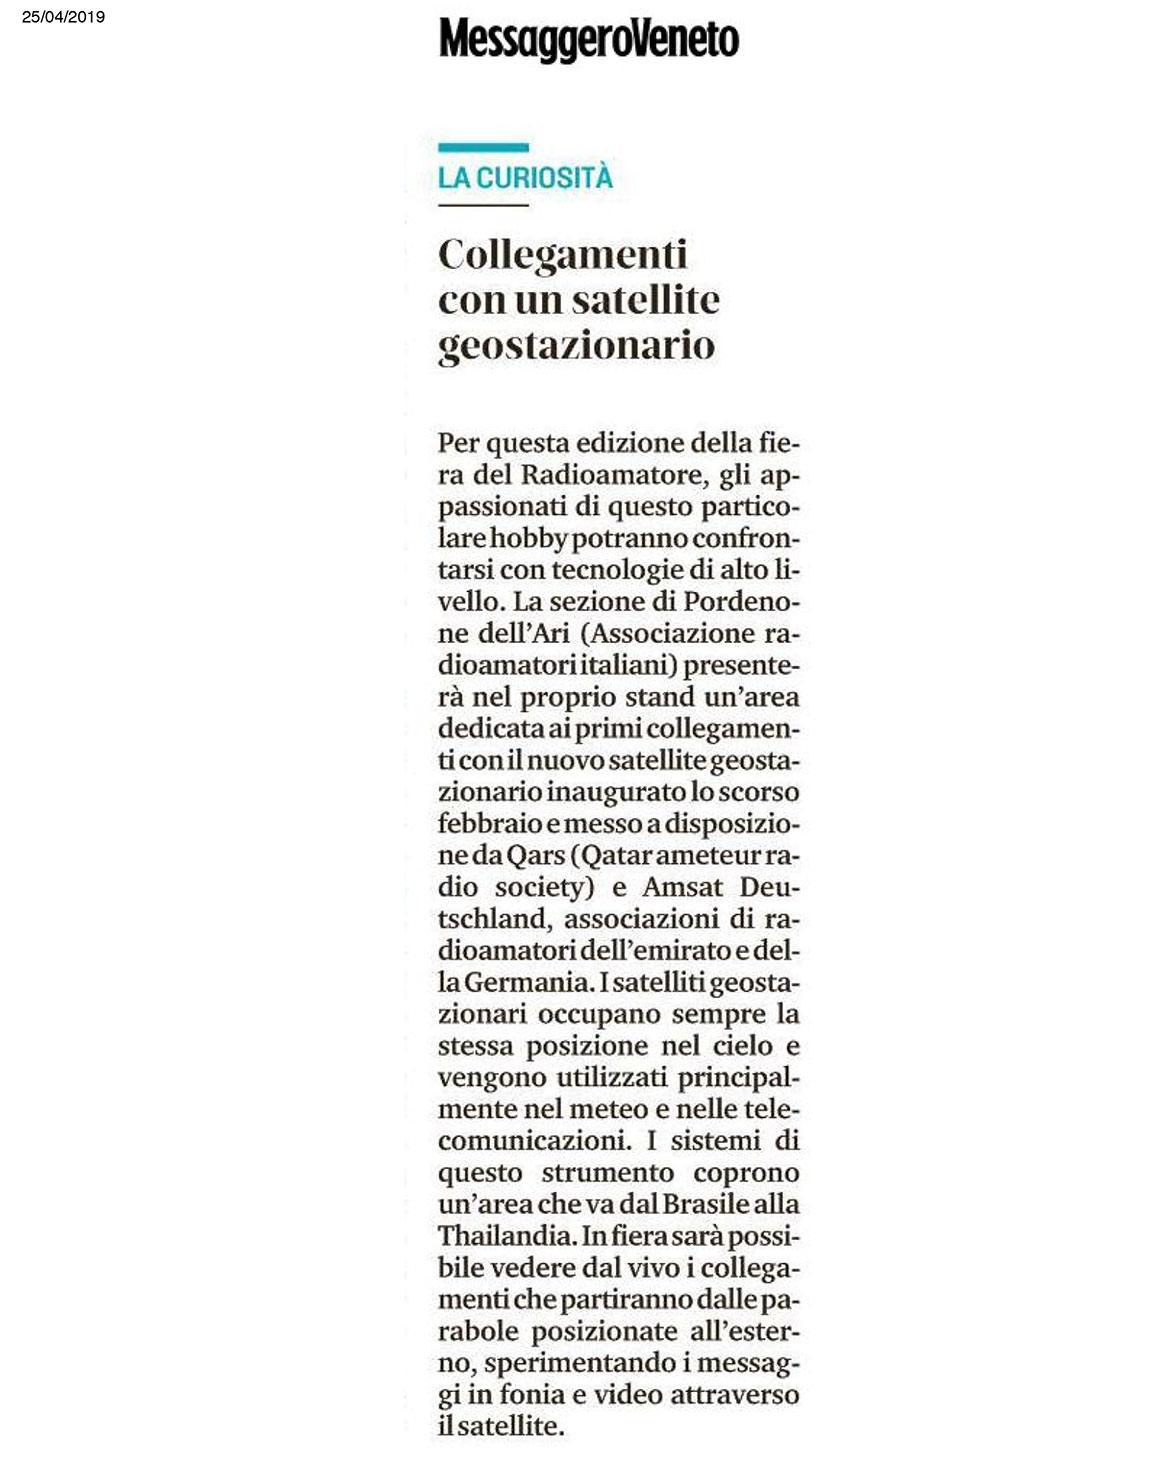 Messaggero 25042019b Rassegna Stampa Radioamatore Fiera 2019